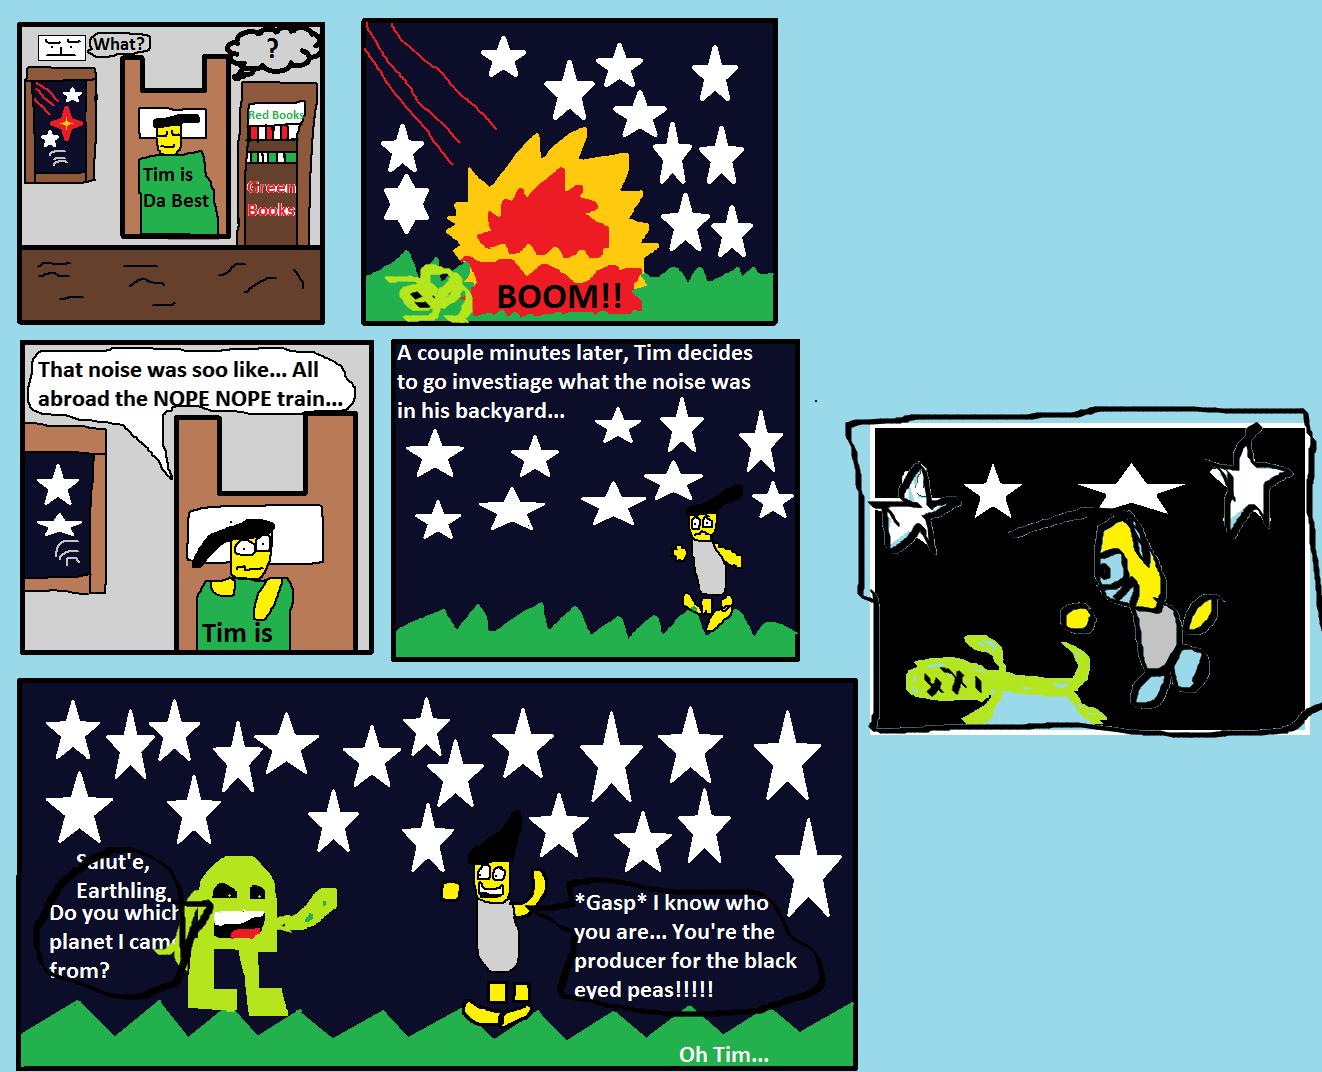 Tim:The alien